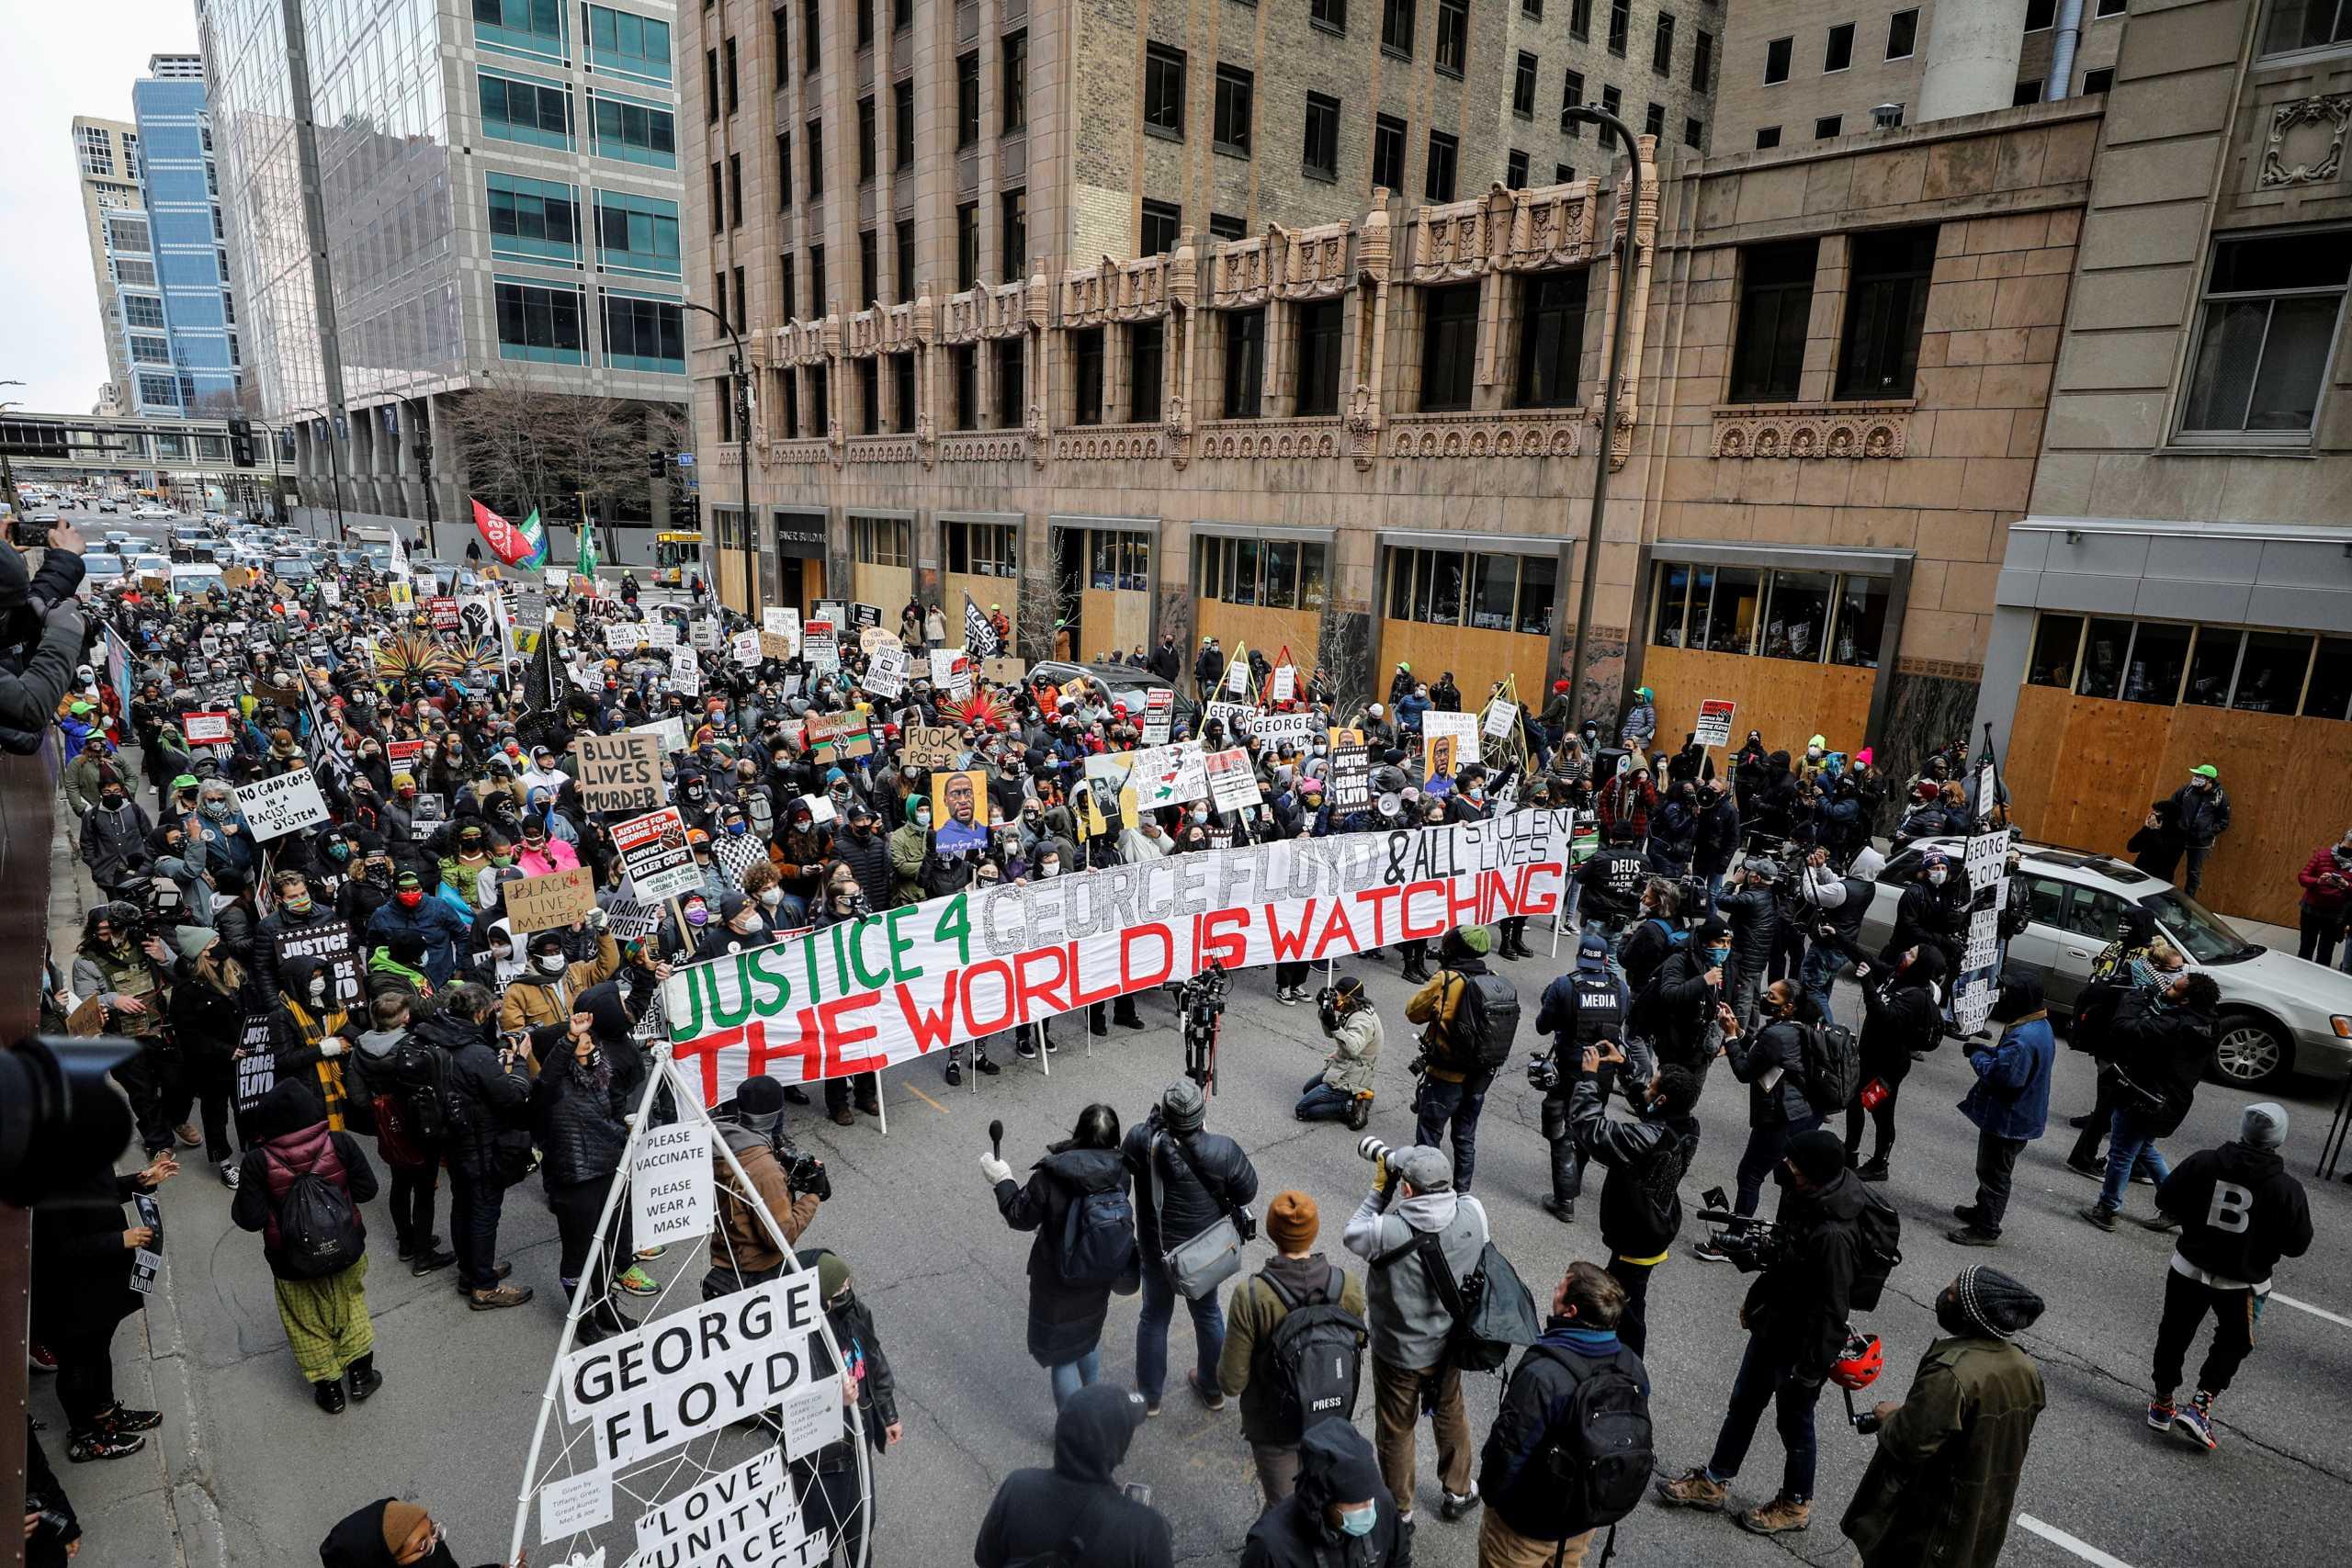 Τζορτζ Φλόιντ: Πολιτείες ετοιμάζονται για «πόλεμο» αν αθωωθεί ο αστυνομικός (pics)